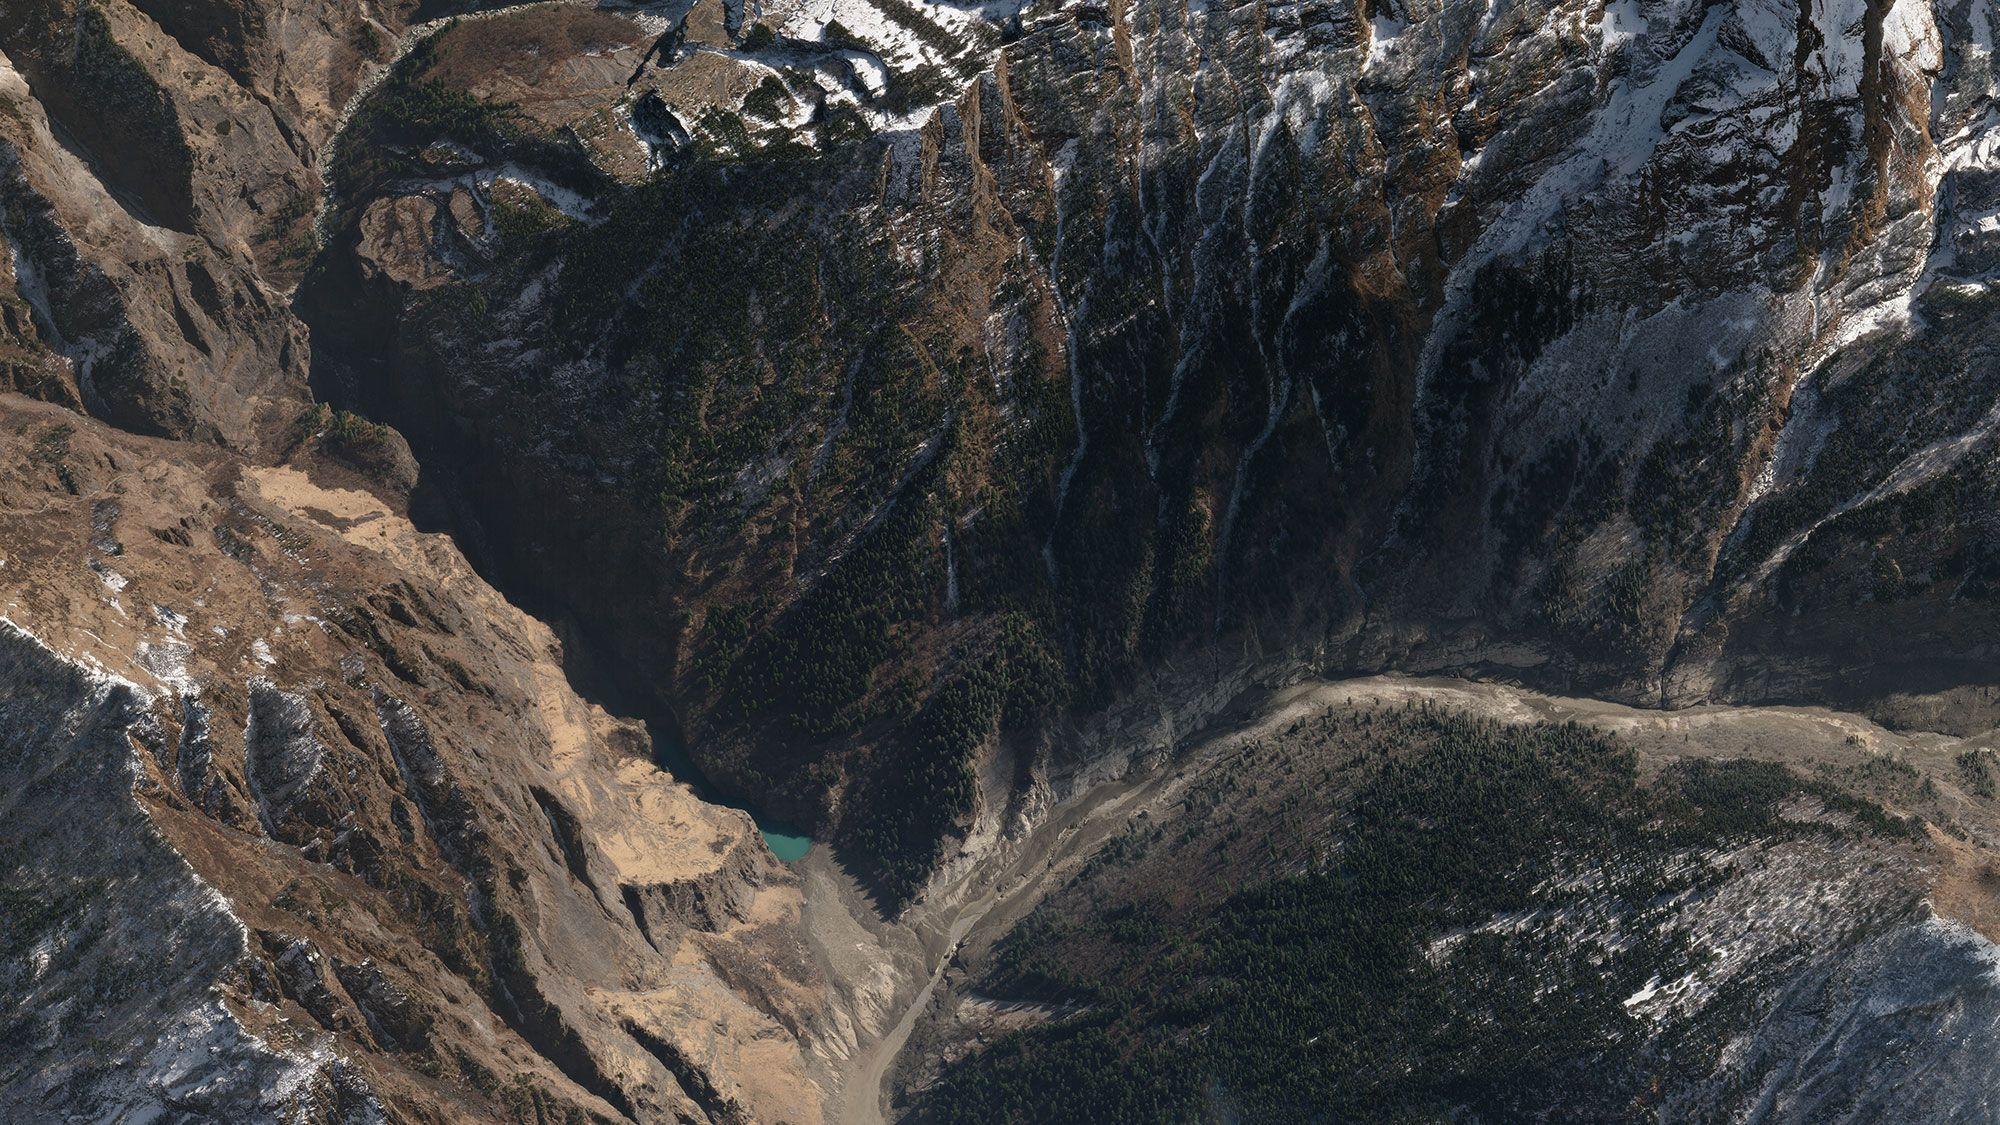 Vue satellite de la vallée de Rishiganga, nouveau lac formé